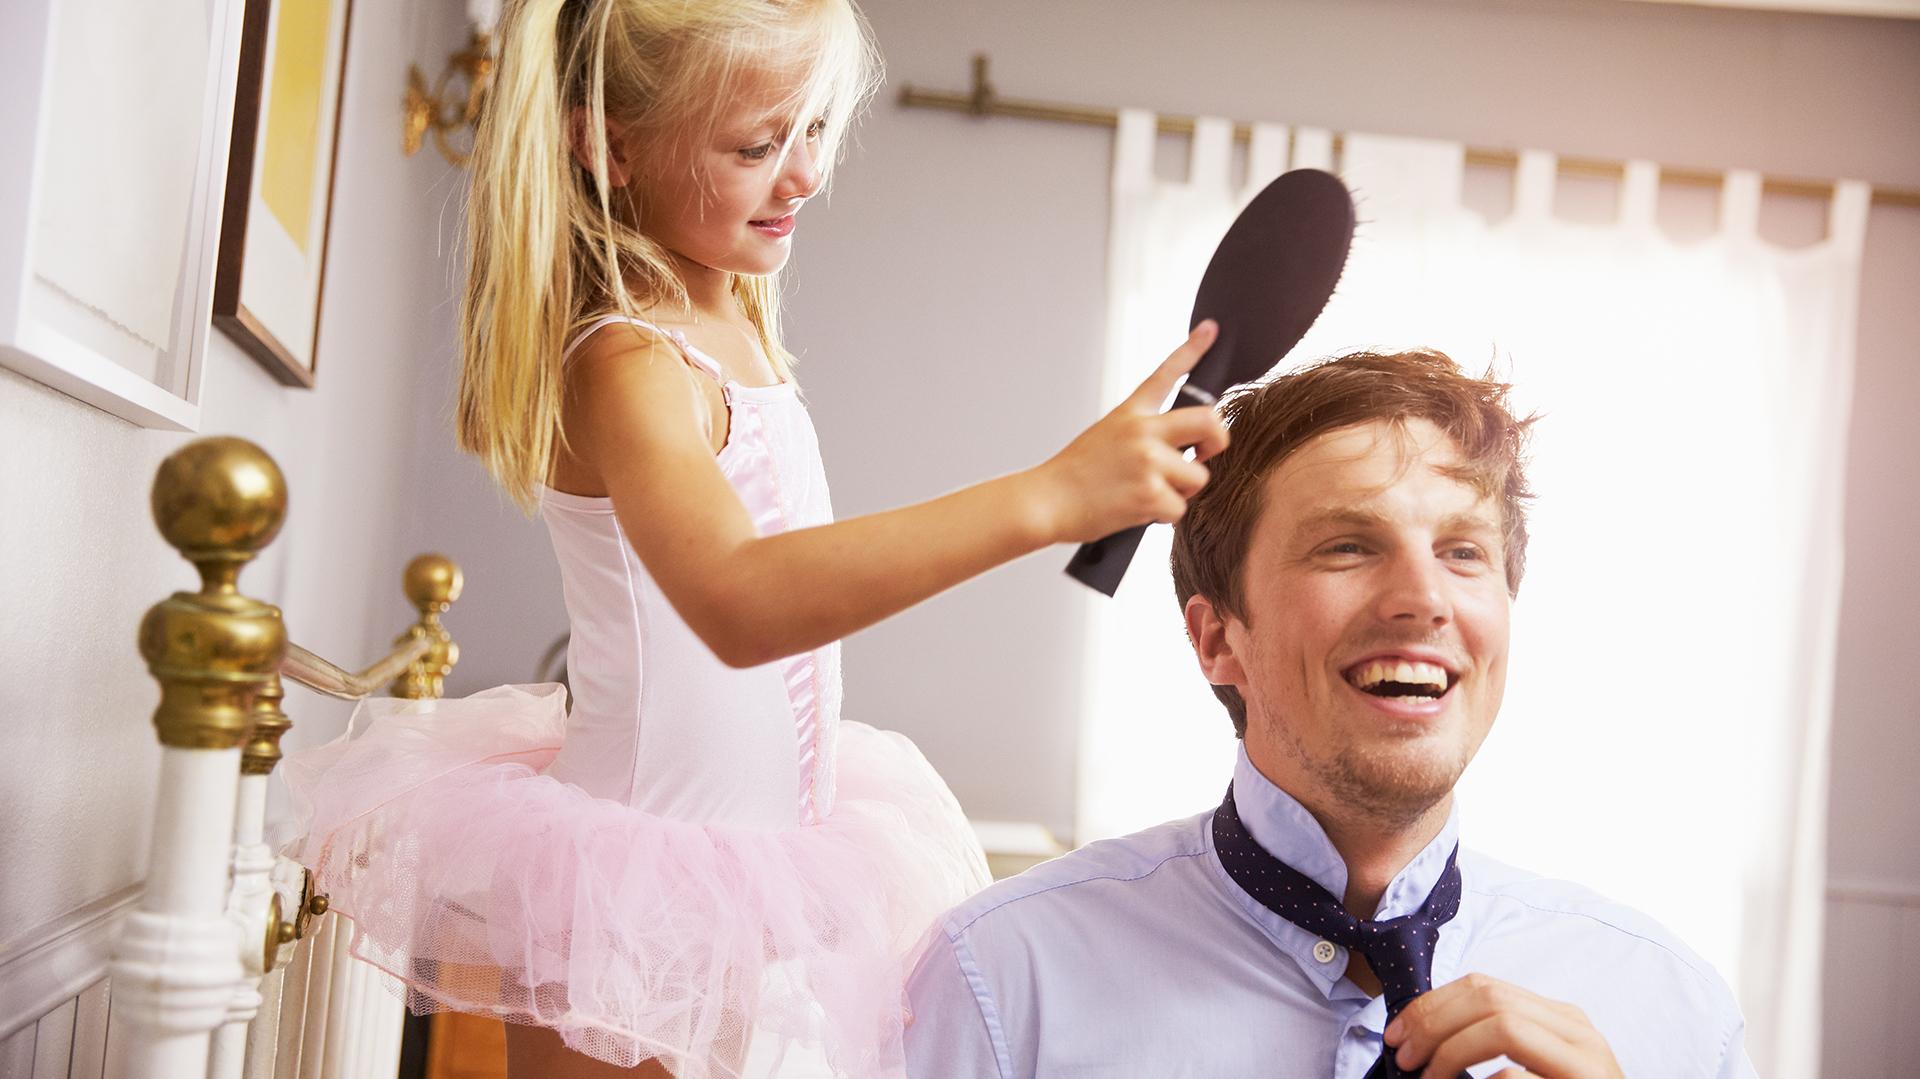 El padre actual está más presente y participa del día a día de sus hijos. (Shutterstock)